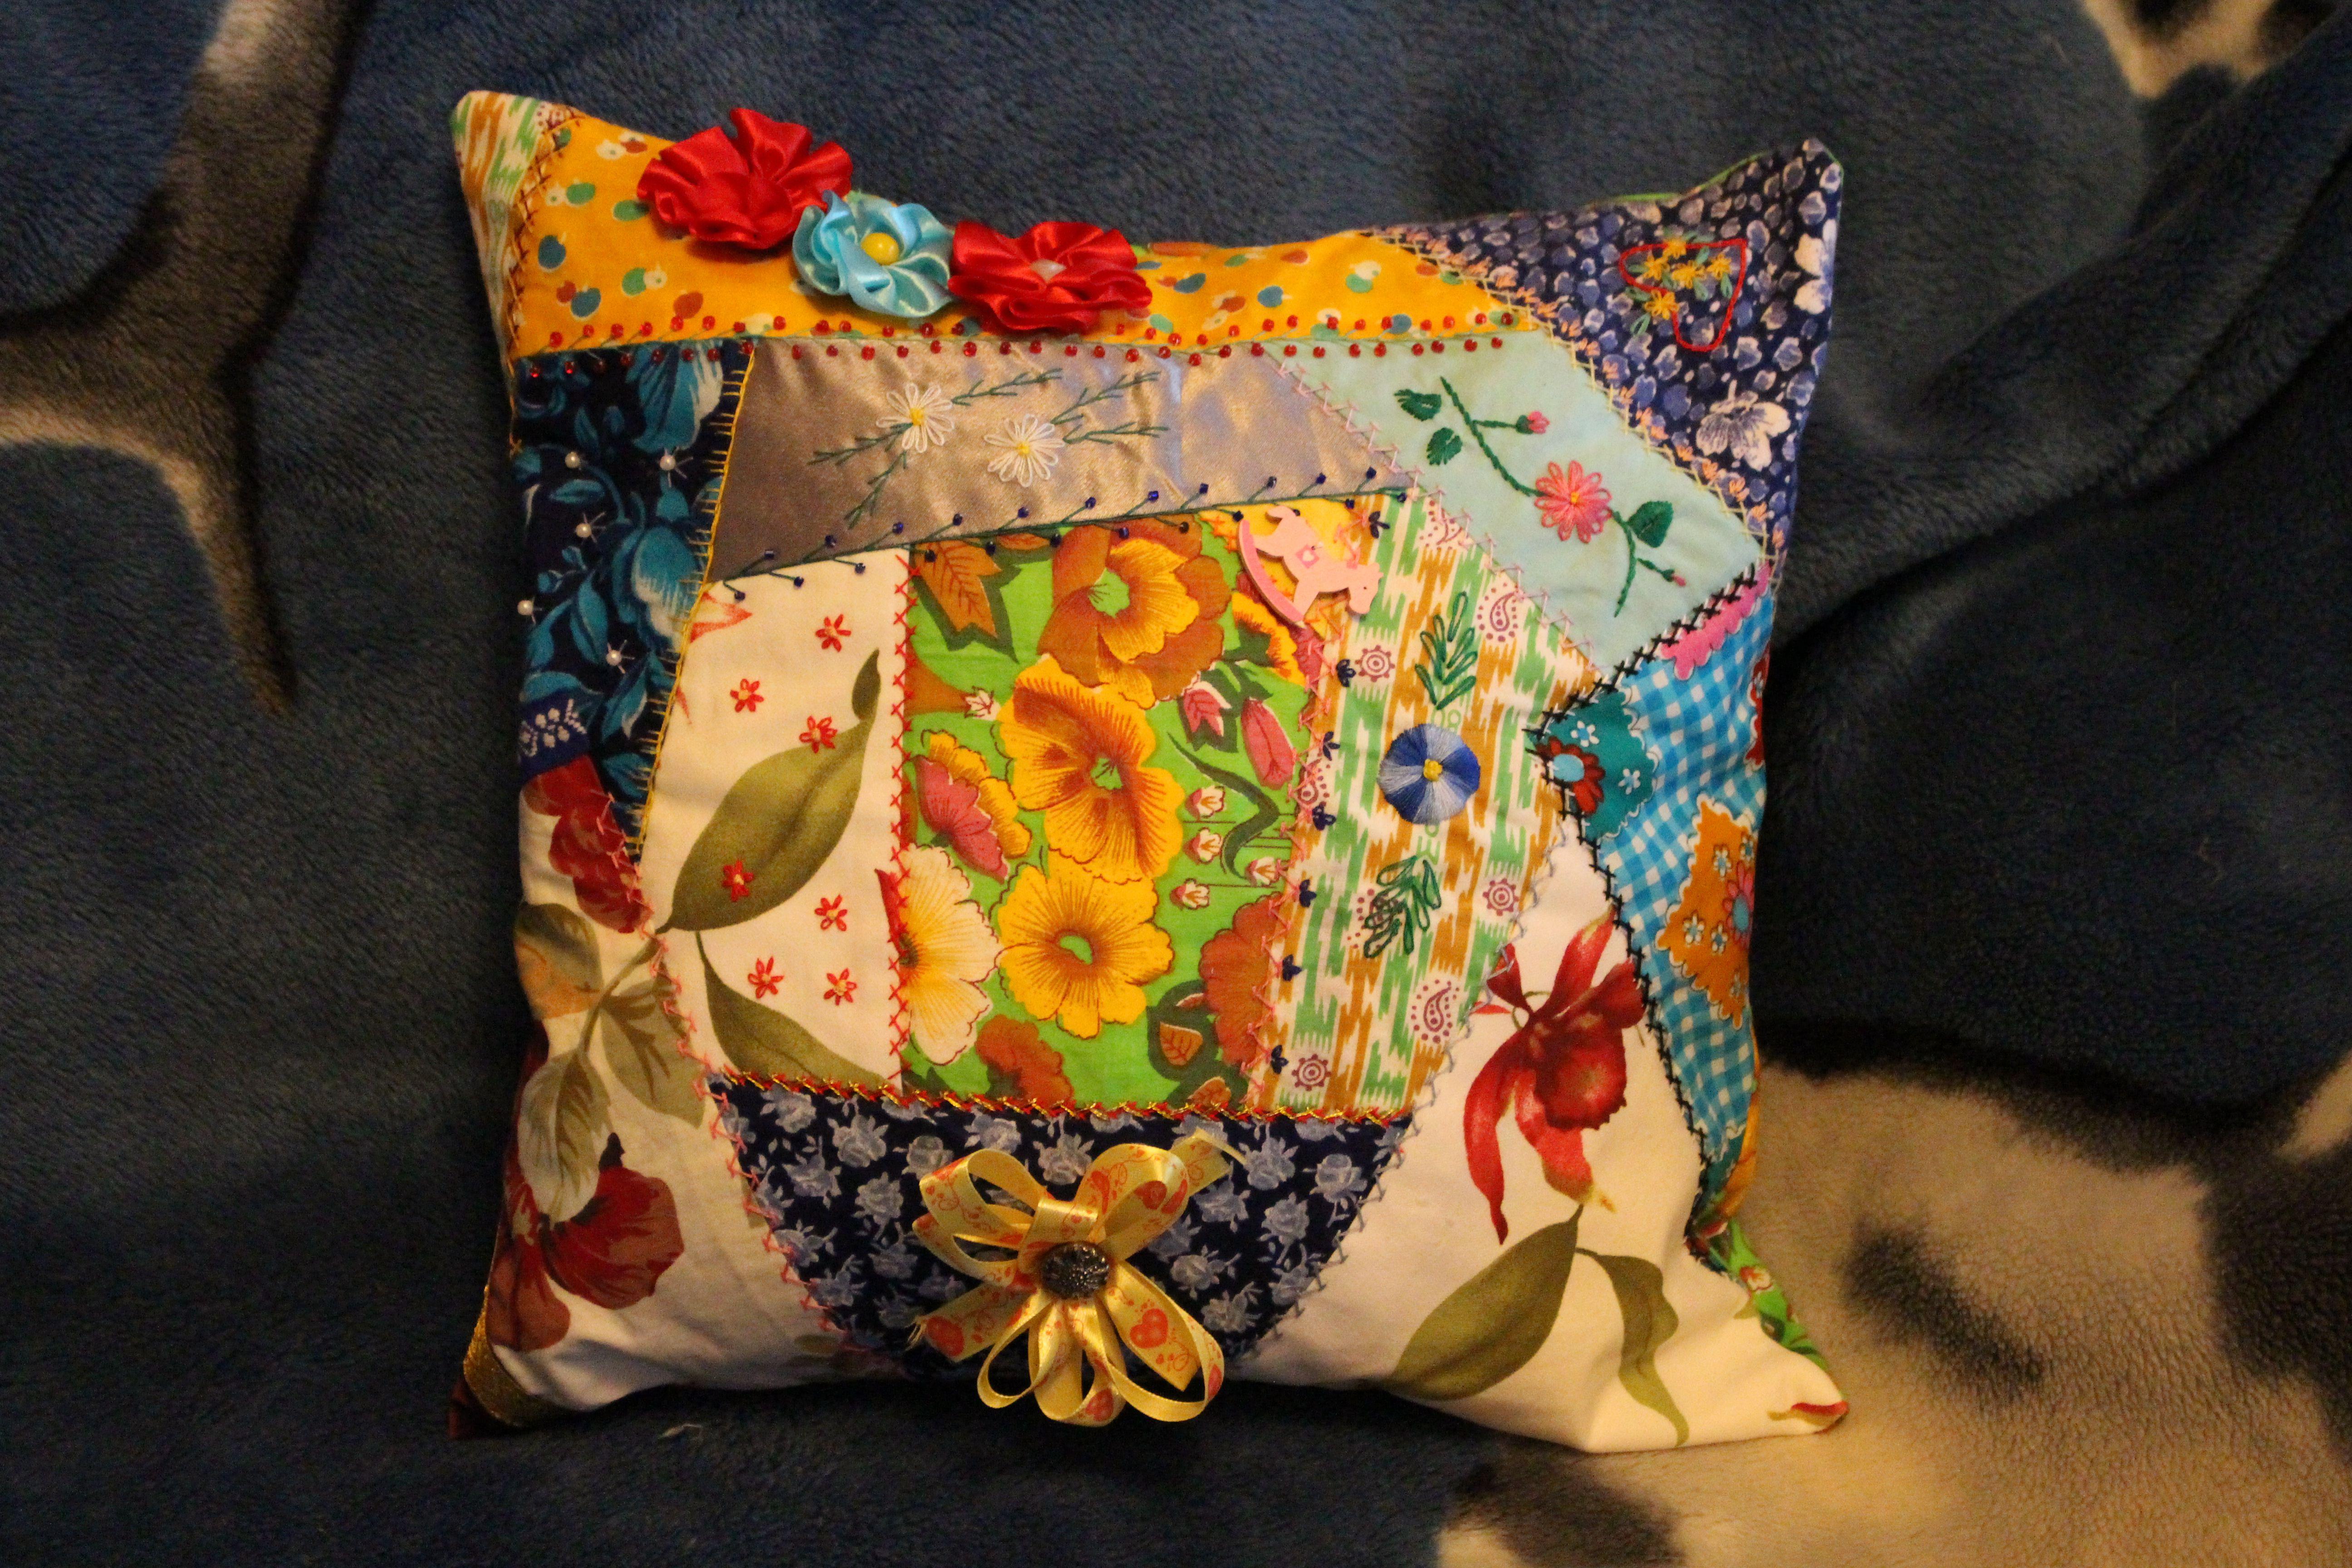 подушки крейзи пэчворк уют красота подарки